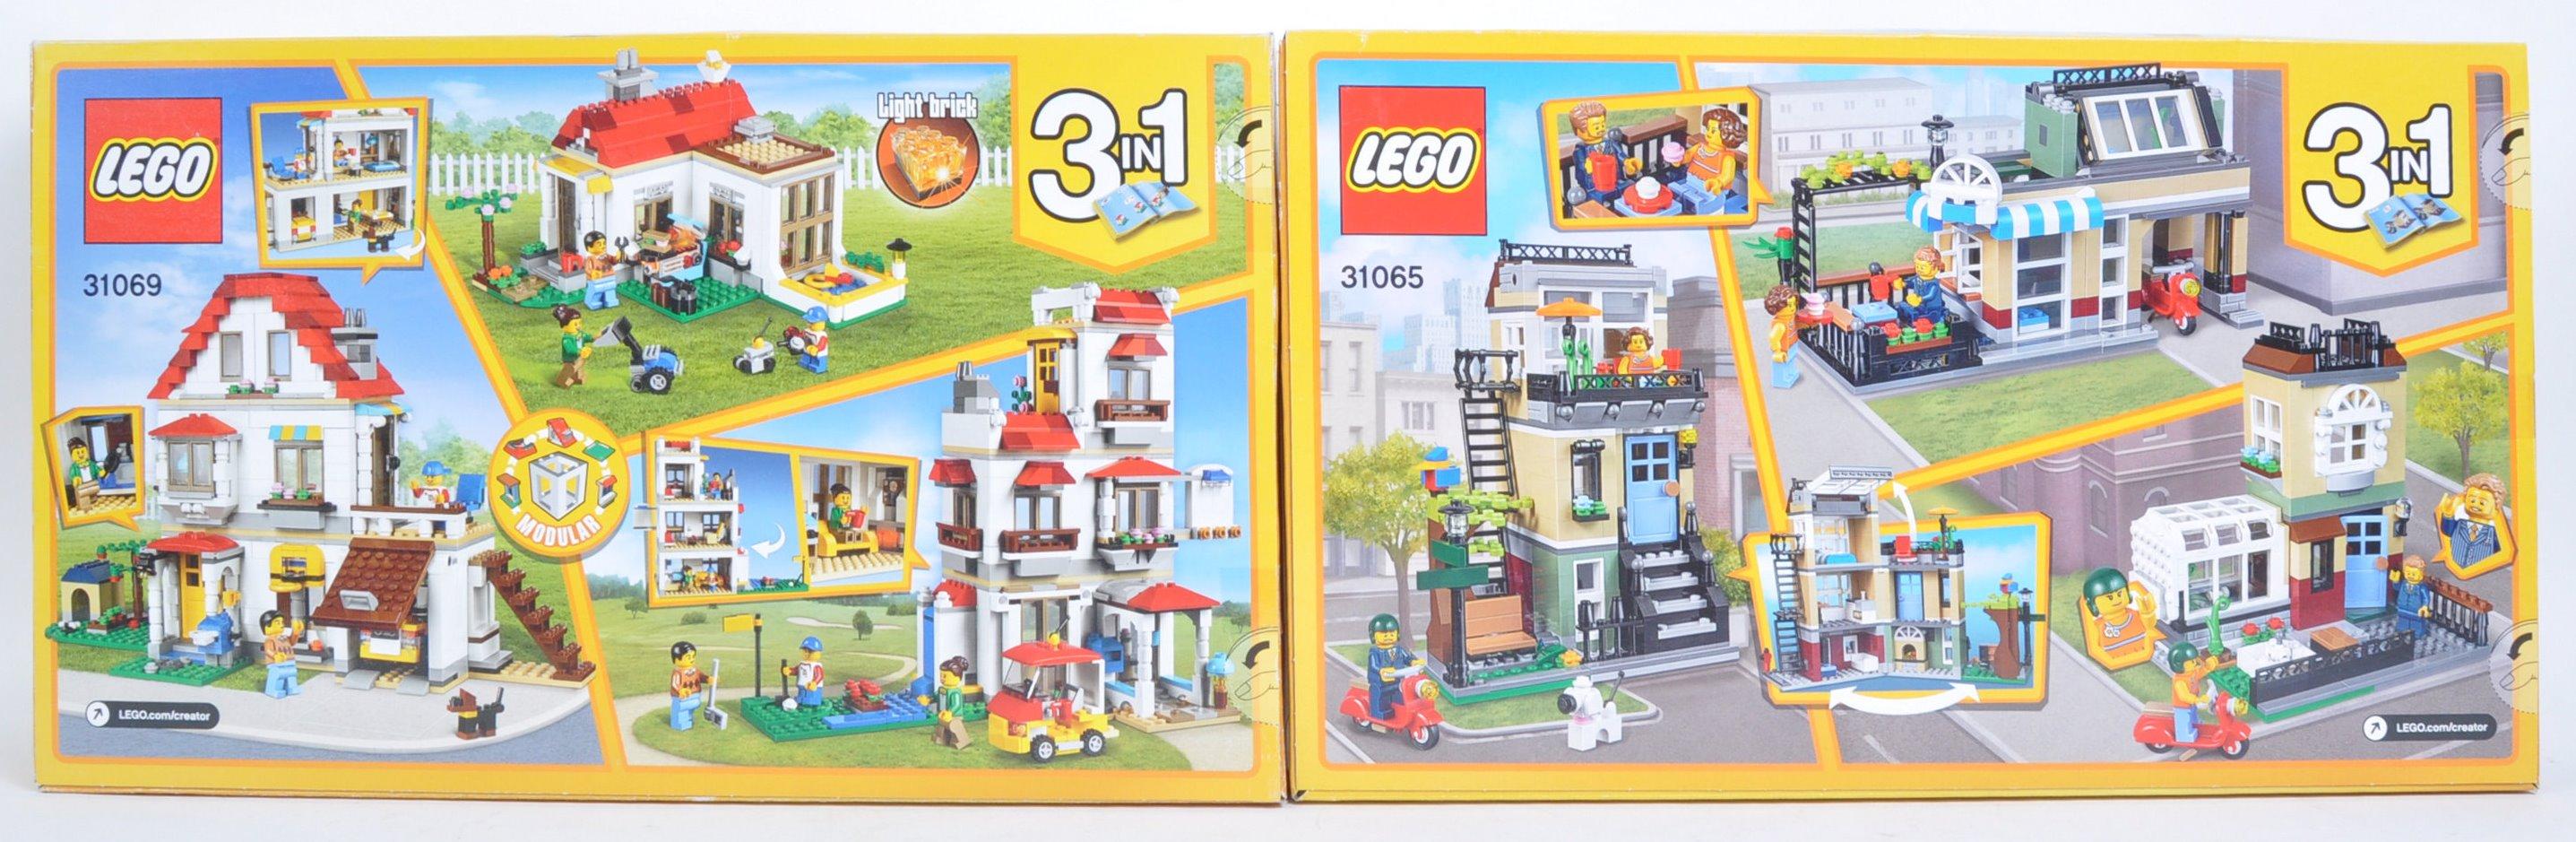 LEGO SETS - LEGO CREATOR - 31065 / 31069 - Image 2 of 6